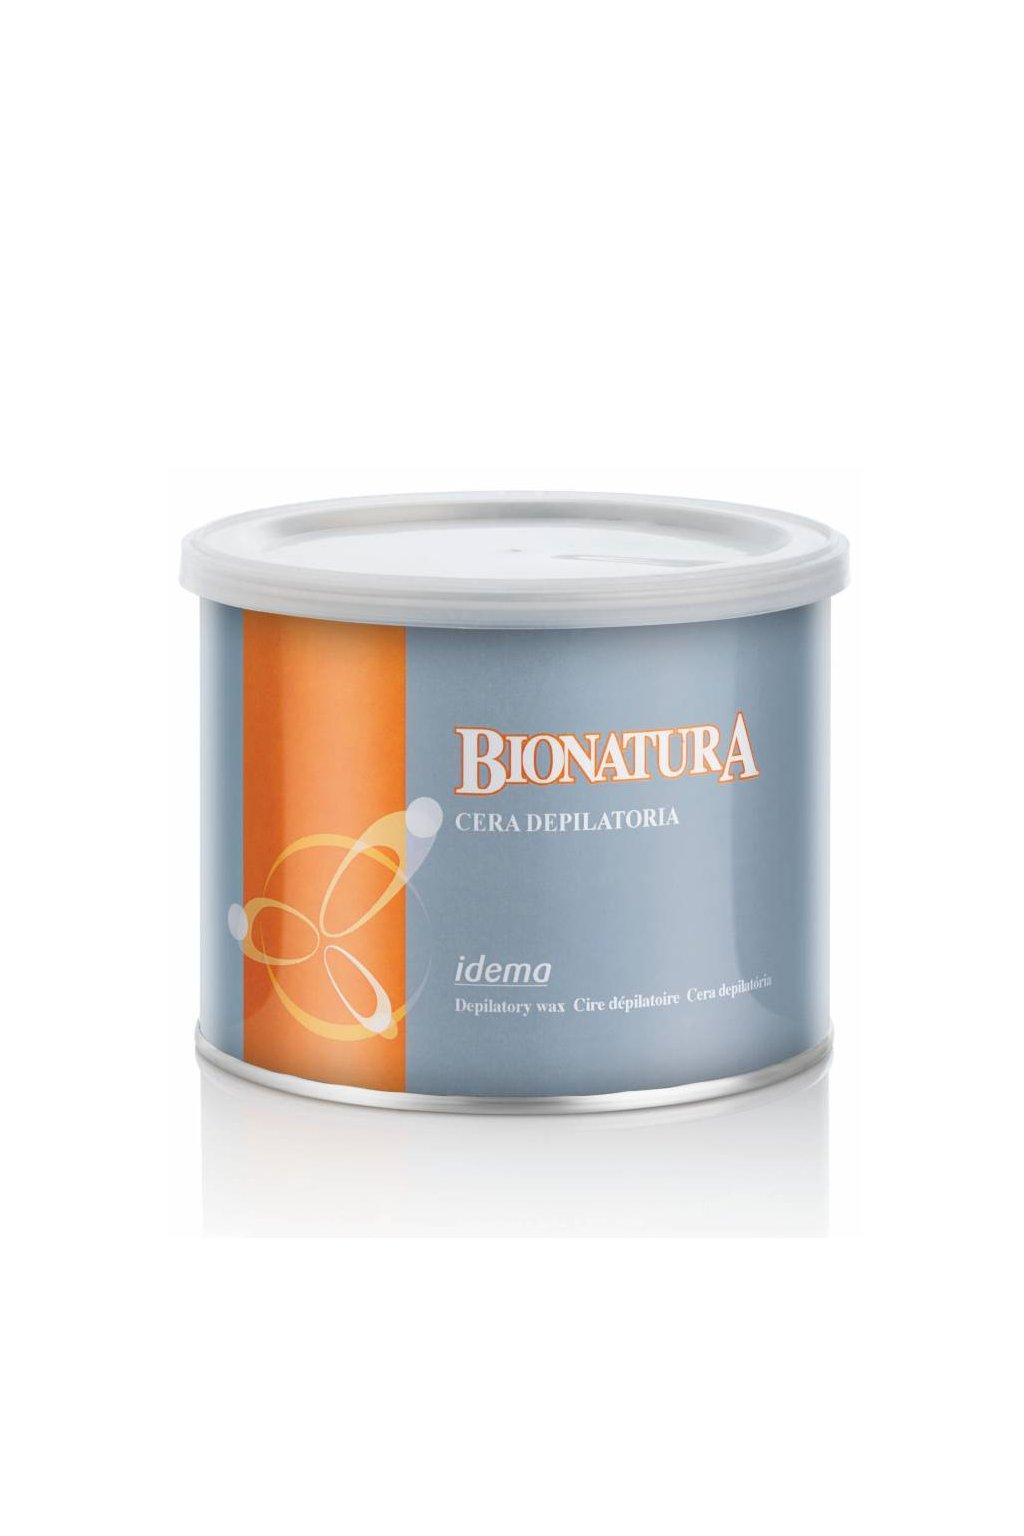 Epilační vosk Idema Bionatura přírodní bez parfemace a parafínu